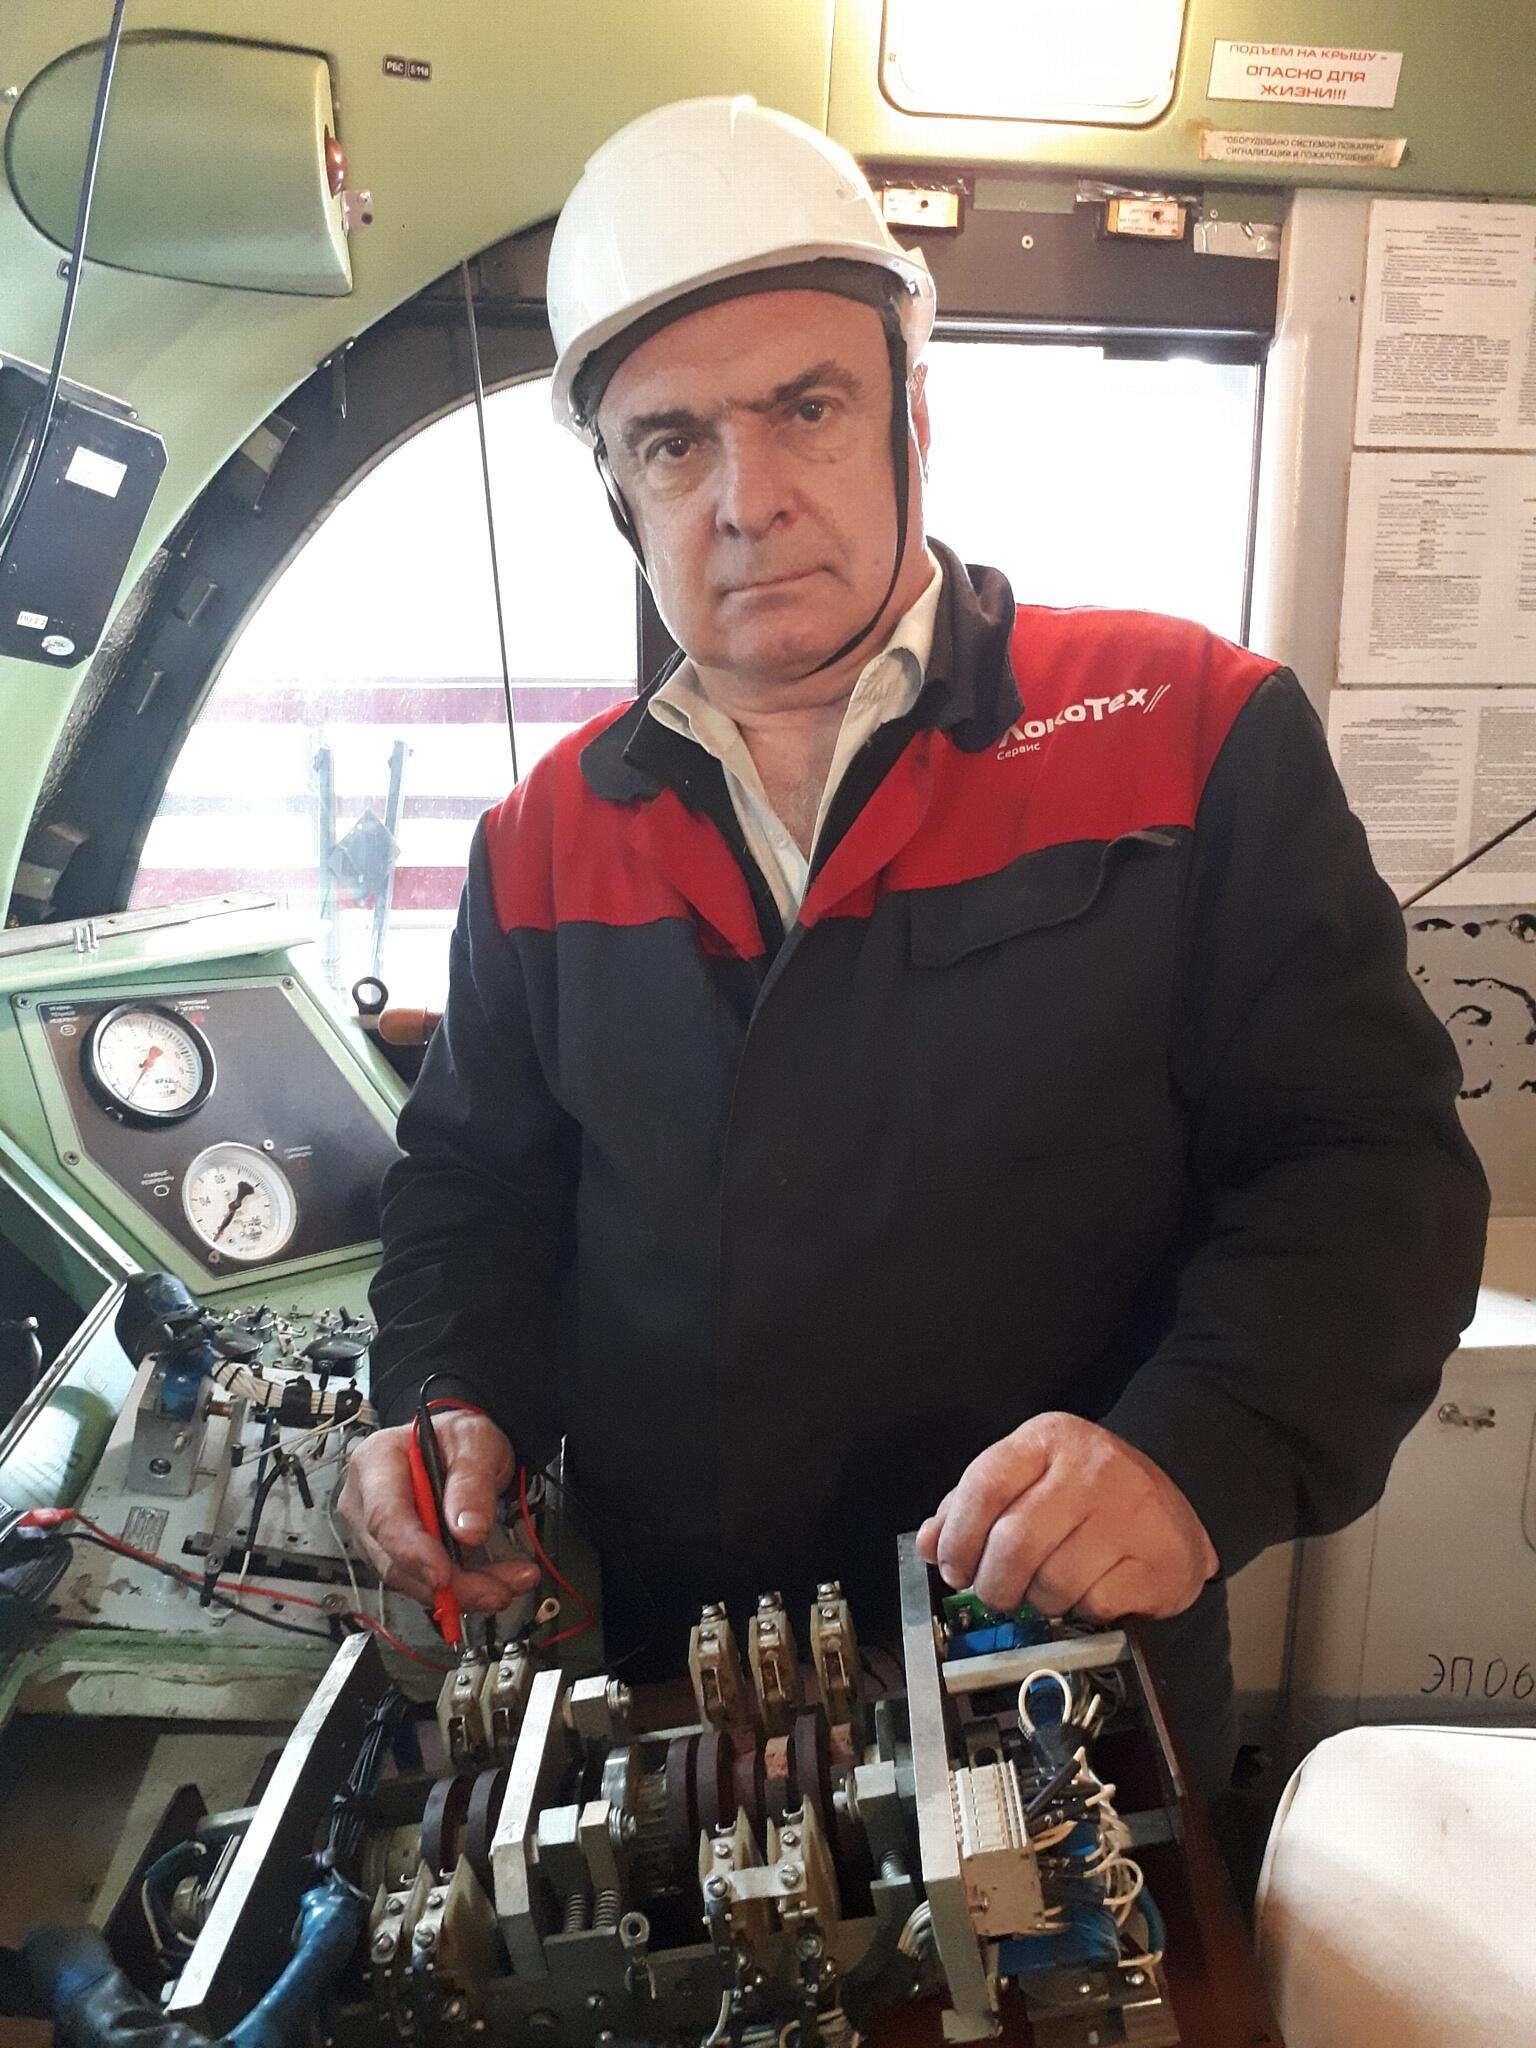 Вячеслав Бондарик: мне важно, чтобы идеи работали и приносили пользу